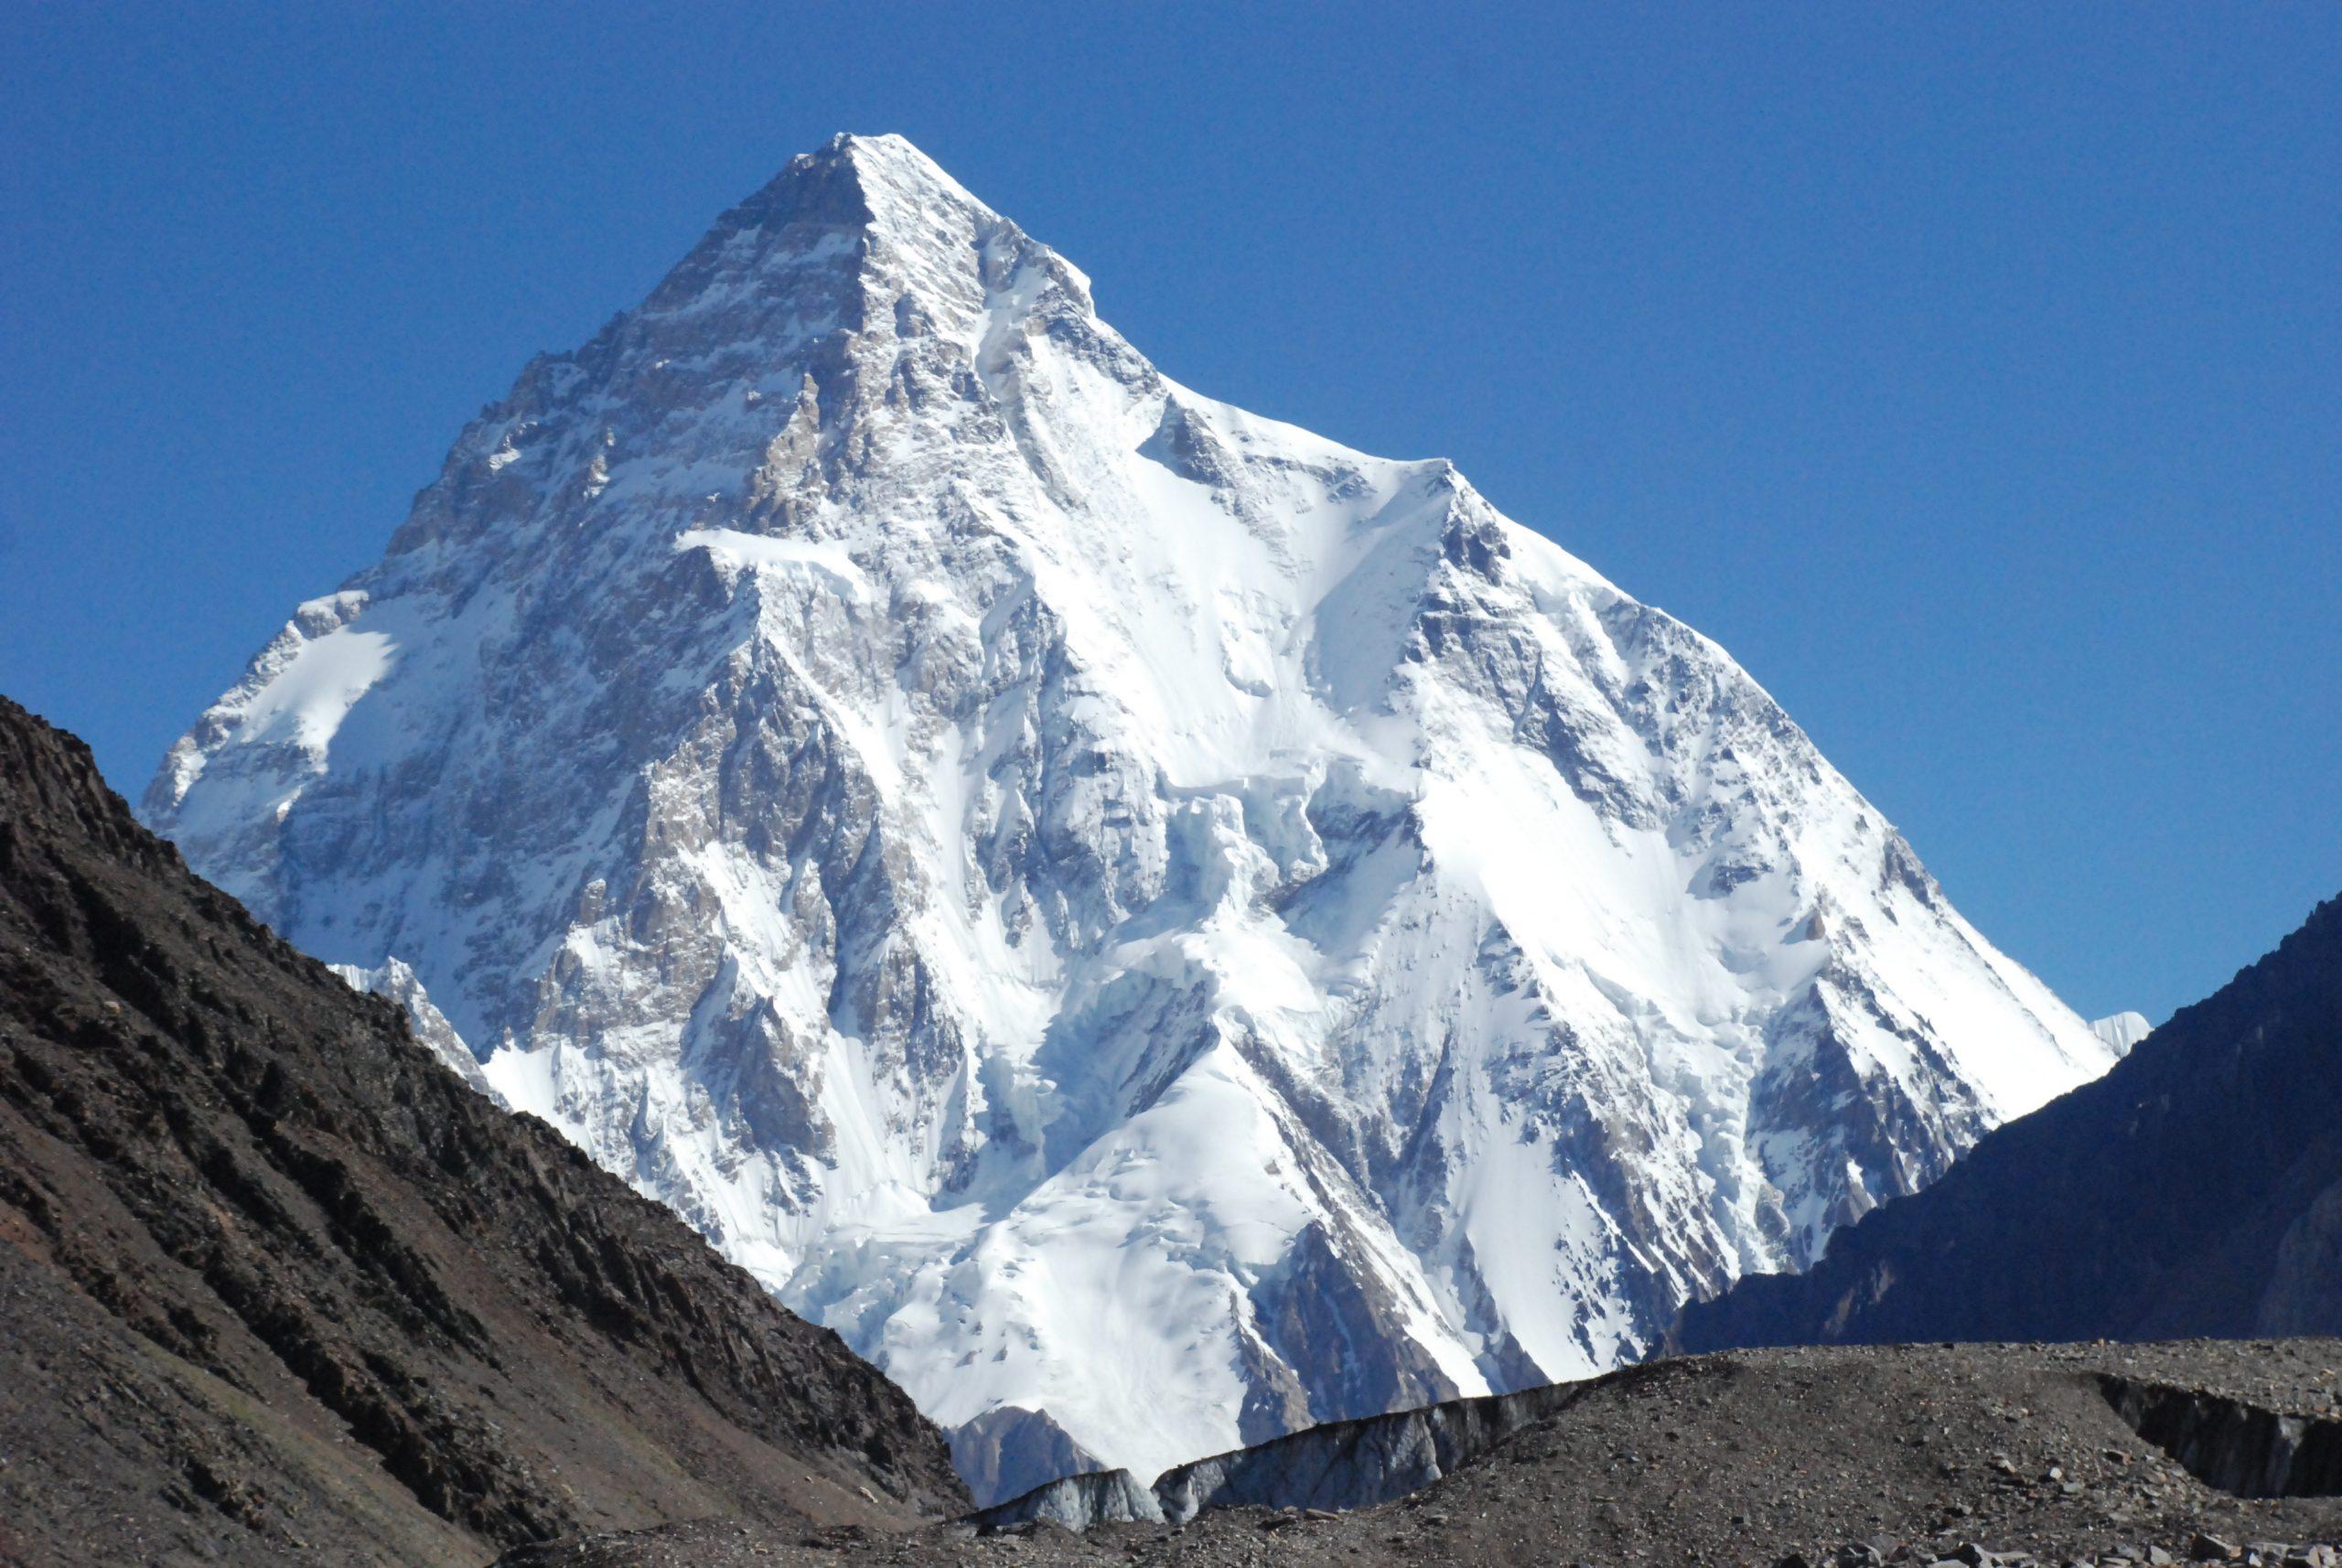 La cara sur del K2 8611